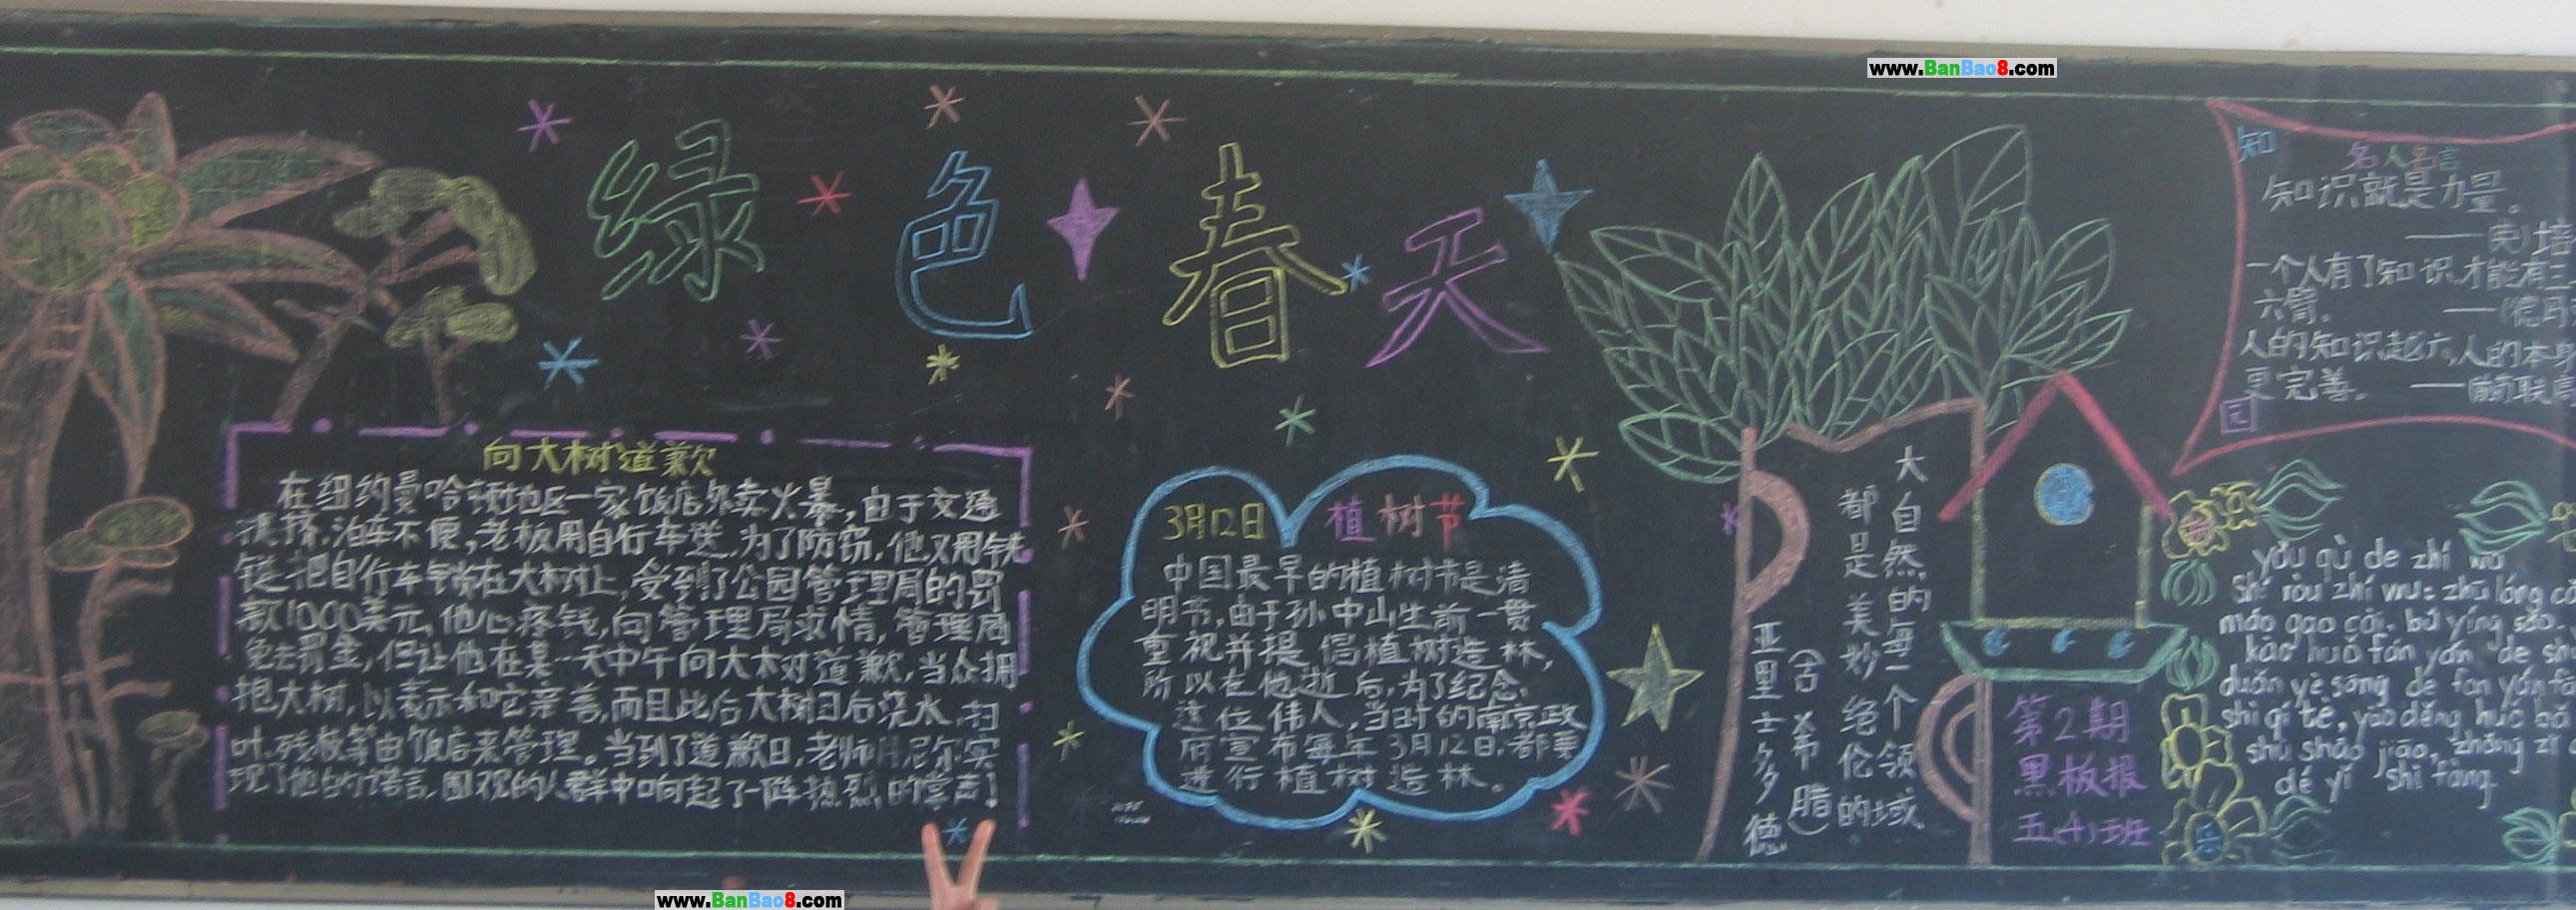 幼儿园黑板板报设计图案大全